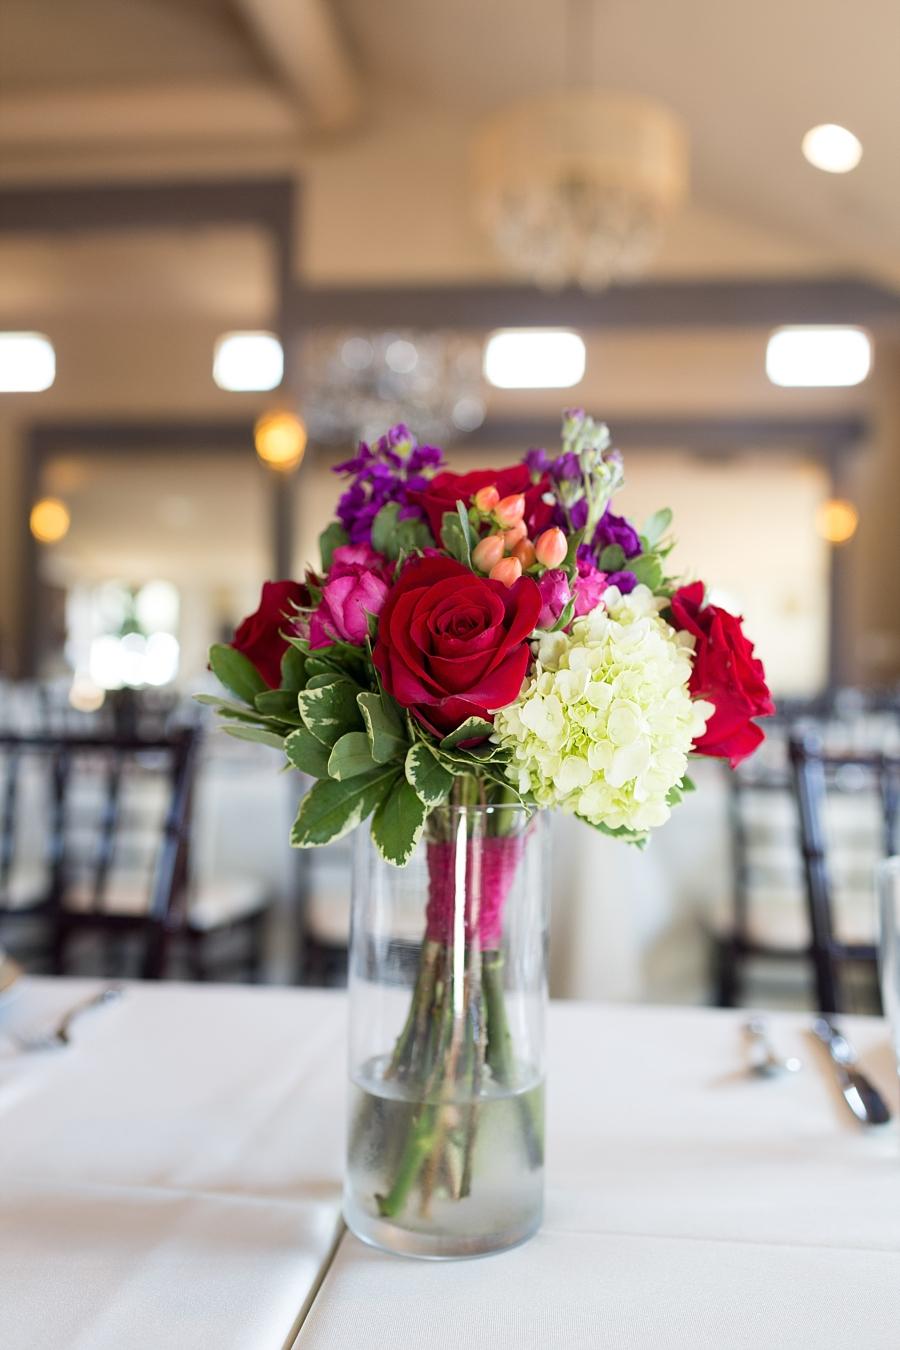 Stacy-Amderson-Photography-Houston-Fredericksberg-Wedding-Photographer_0012.jpg